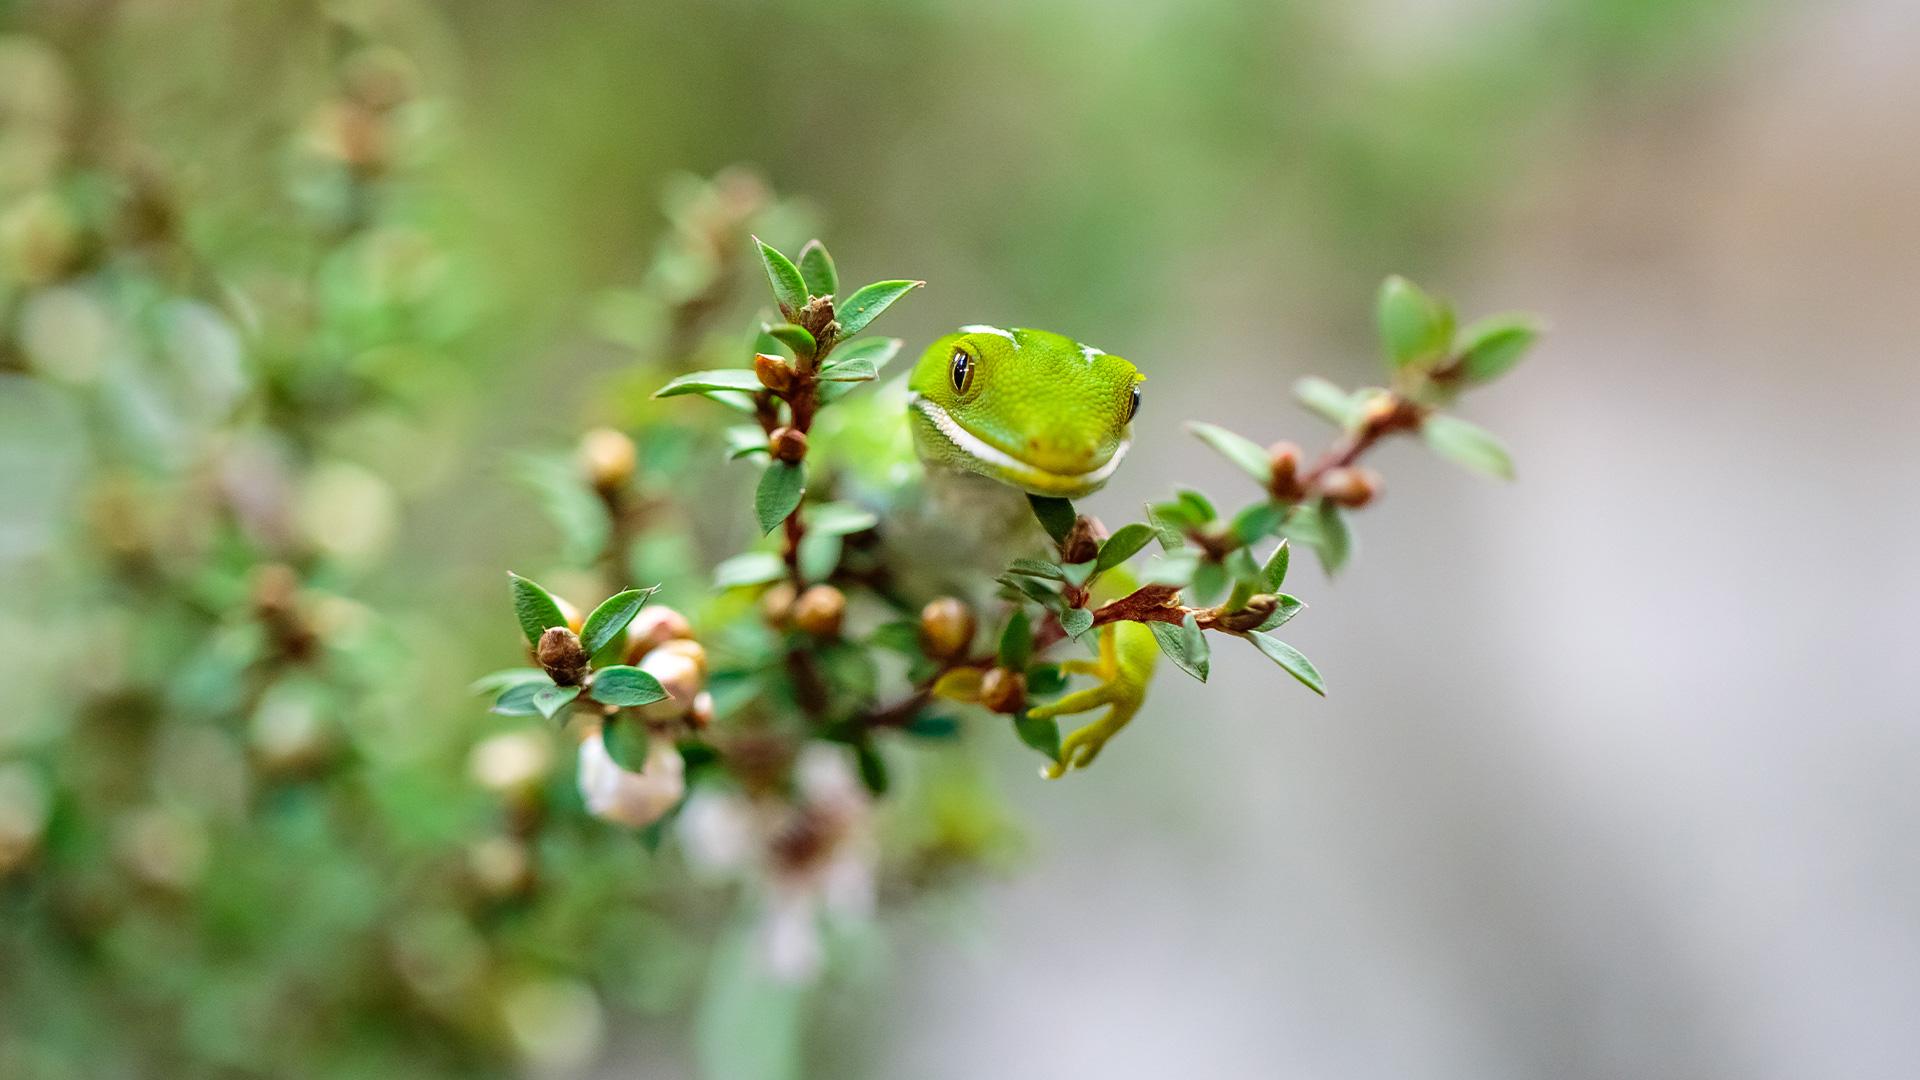 https://rfacdn.nz/zoo/assets/media/azoo-wellbeing-akl-green-gecko.jpg